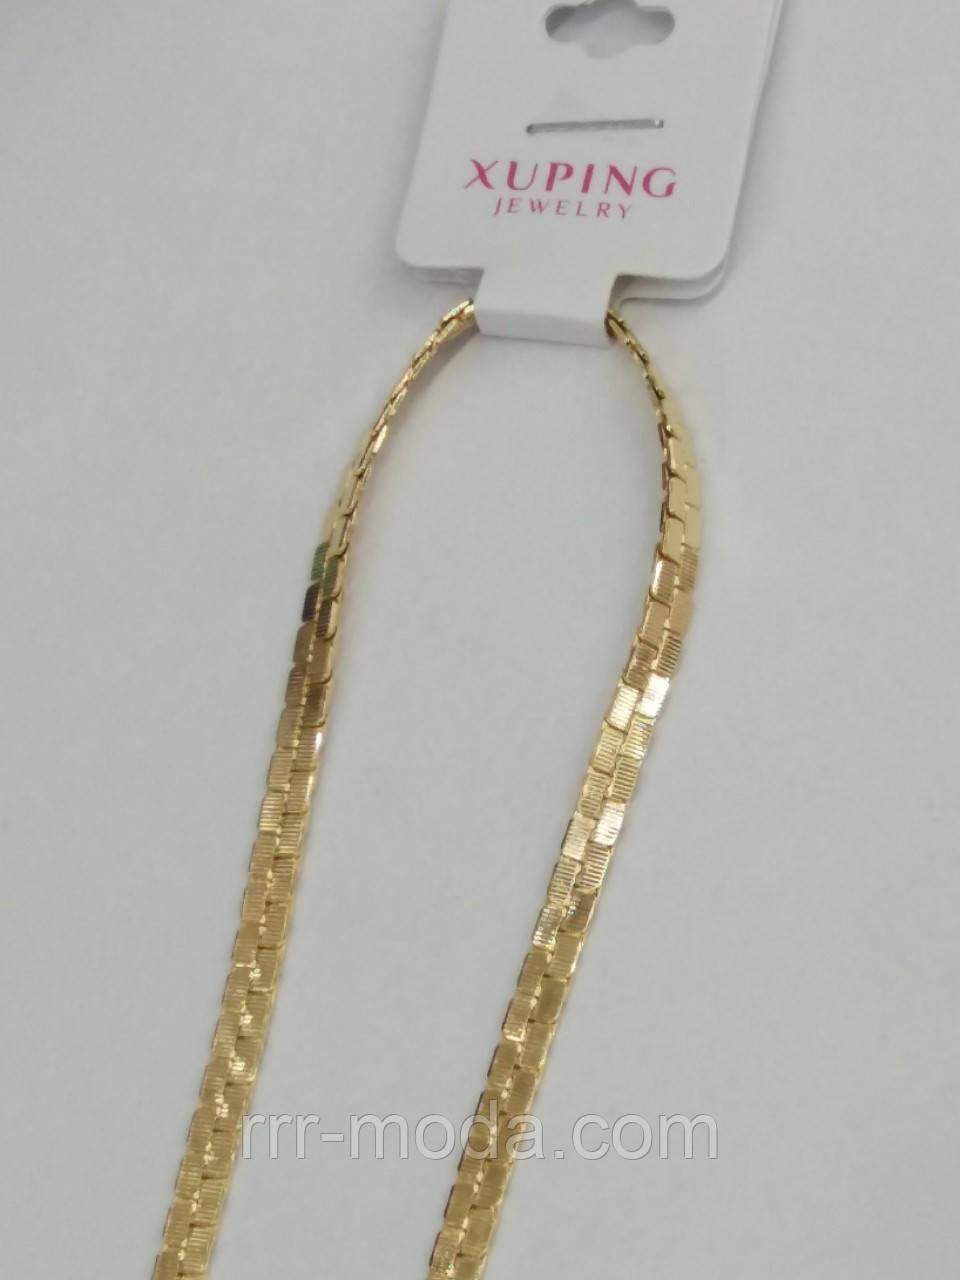 31d212a04727 Ювелирная, позолоченная цепь унисекс с интересным переплётом Xuping.  Элитные цепи ...